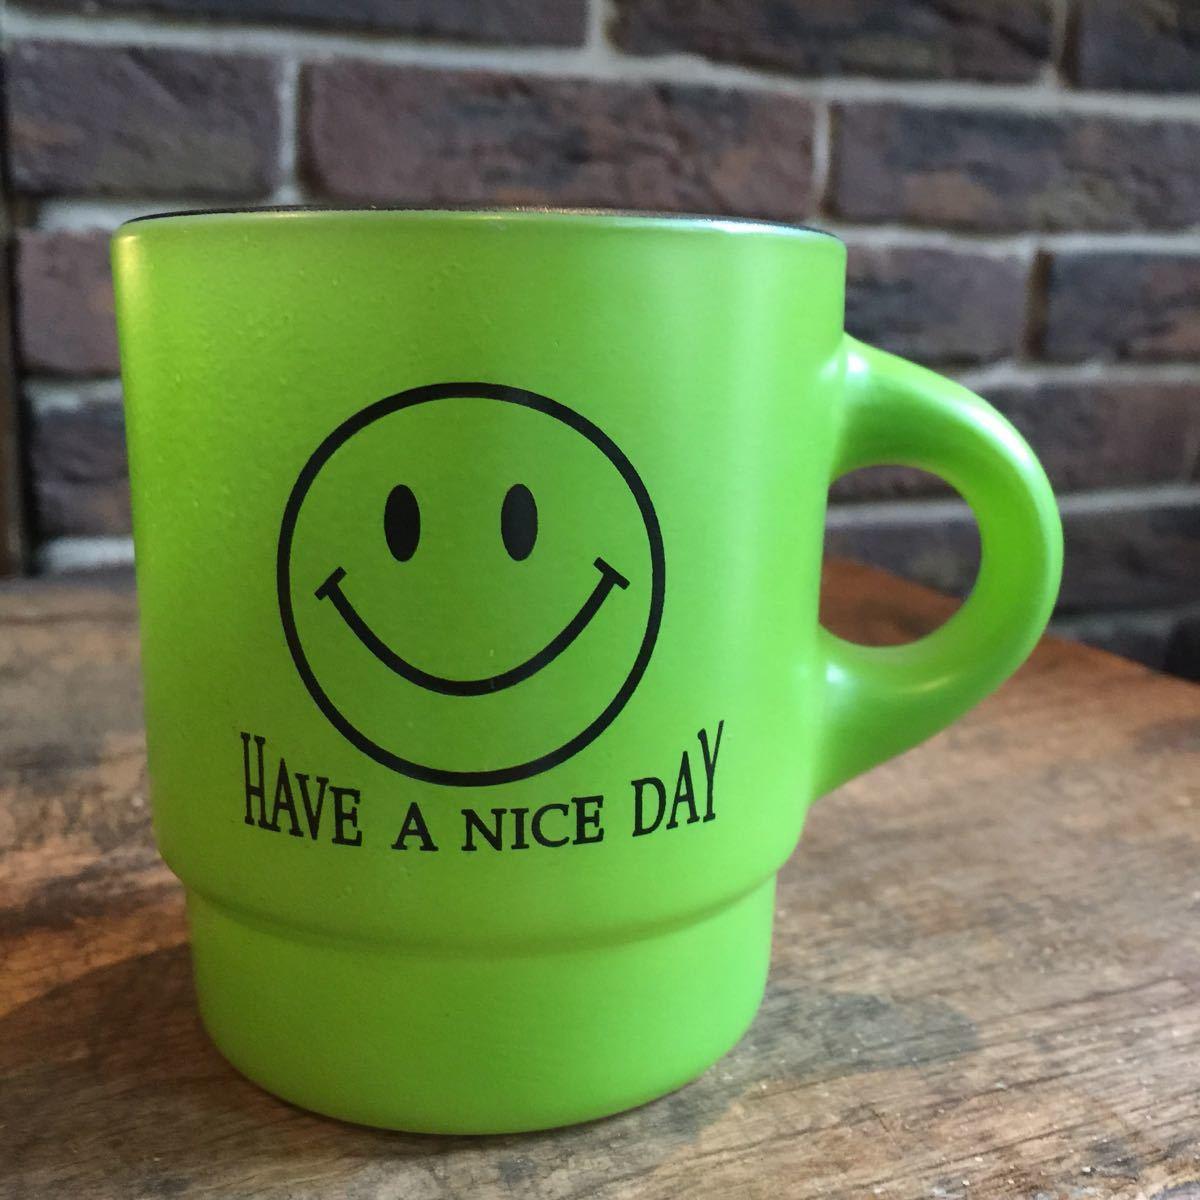 【81】ファイヤーキング スマイル HAVE A NICE DAY スタッキング マグカップ 緑 Fire King k353_画像1